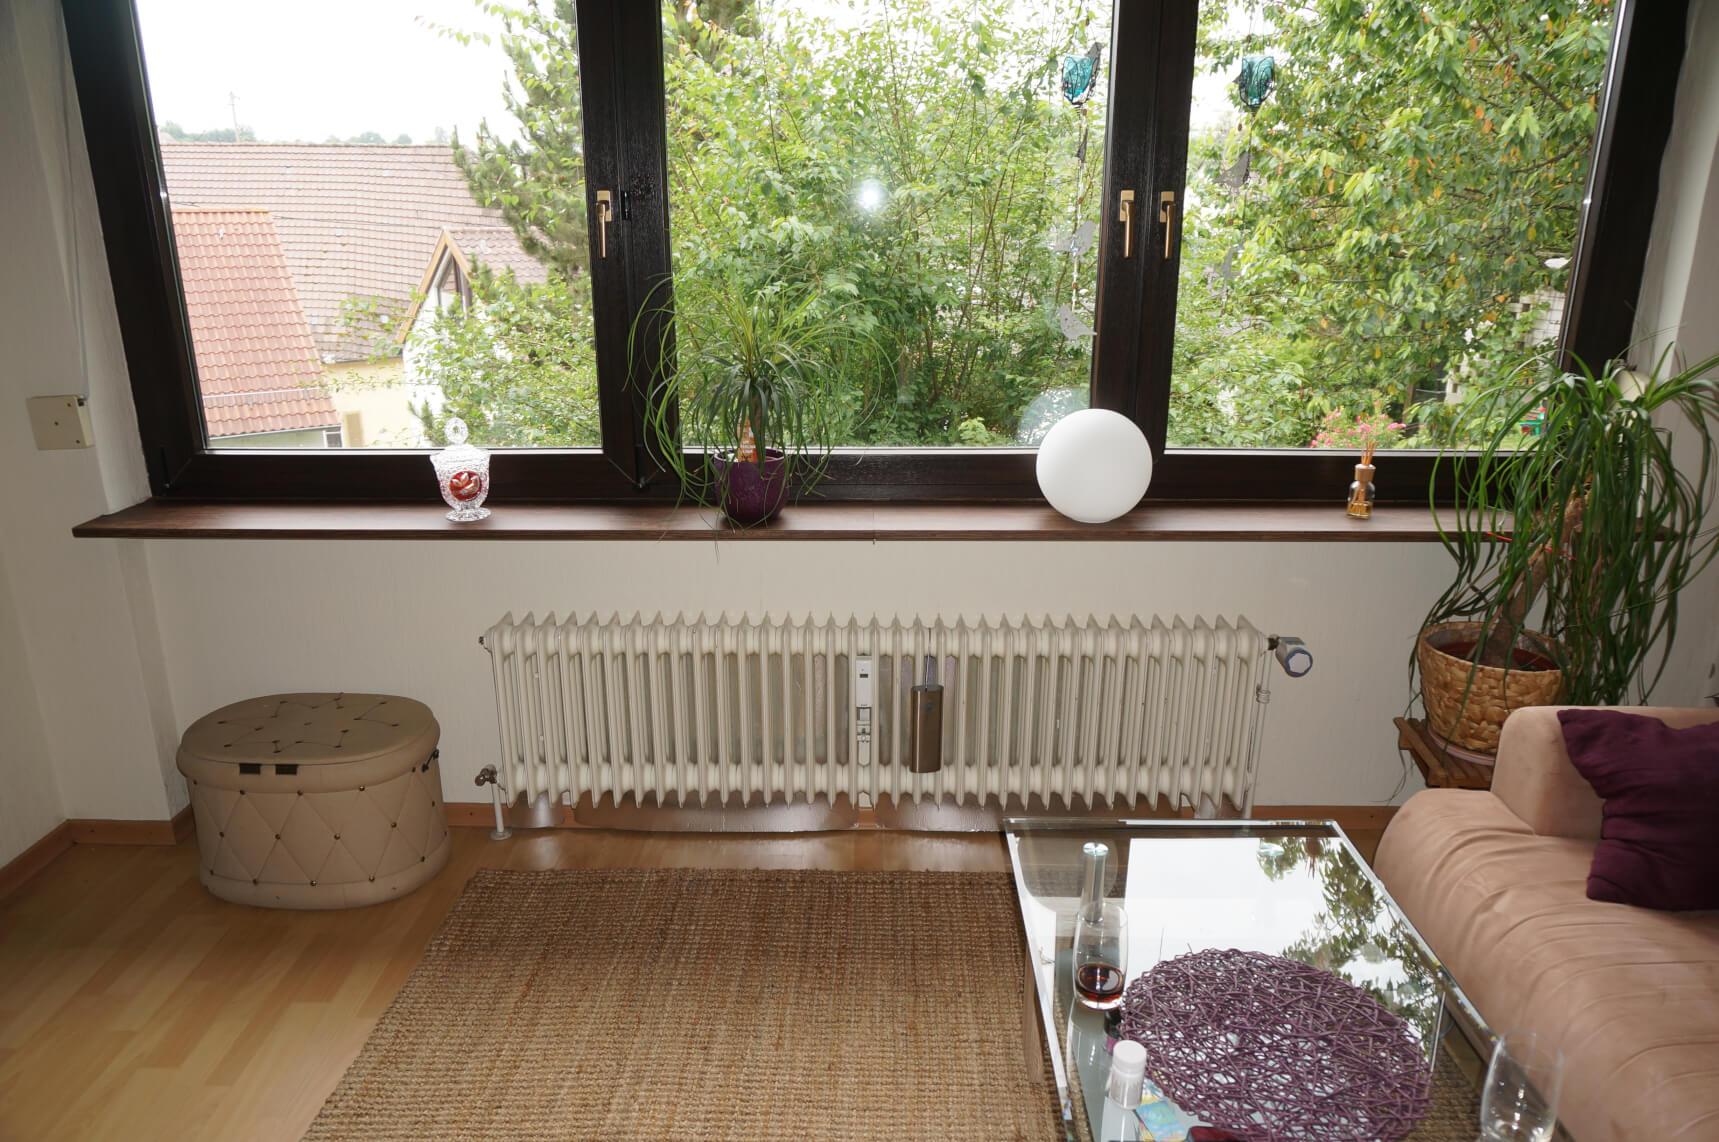 Full Size of Fensterbank Deko Holzdekor Mbelfolie Resimdo Wohnzimmer Wanddeko Küche Dekoration Schlafzimmer Badezimmer Für Wohnzimmer Deko Fensterbank